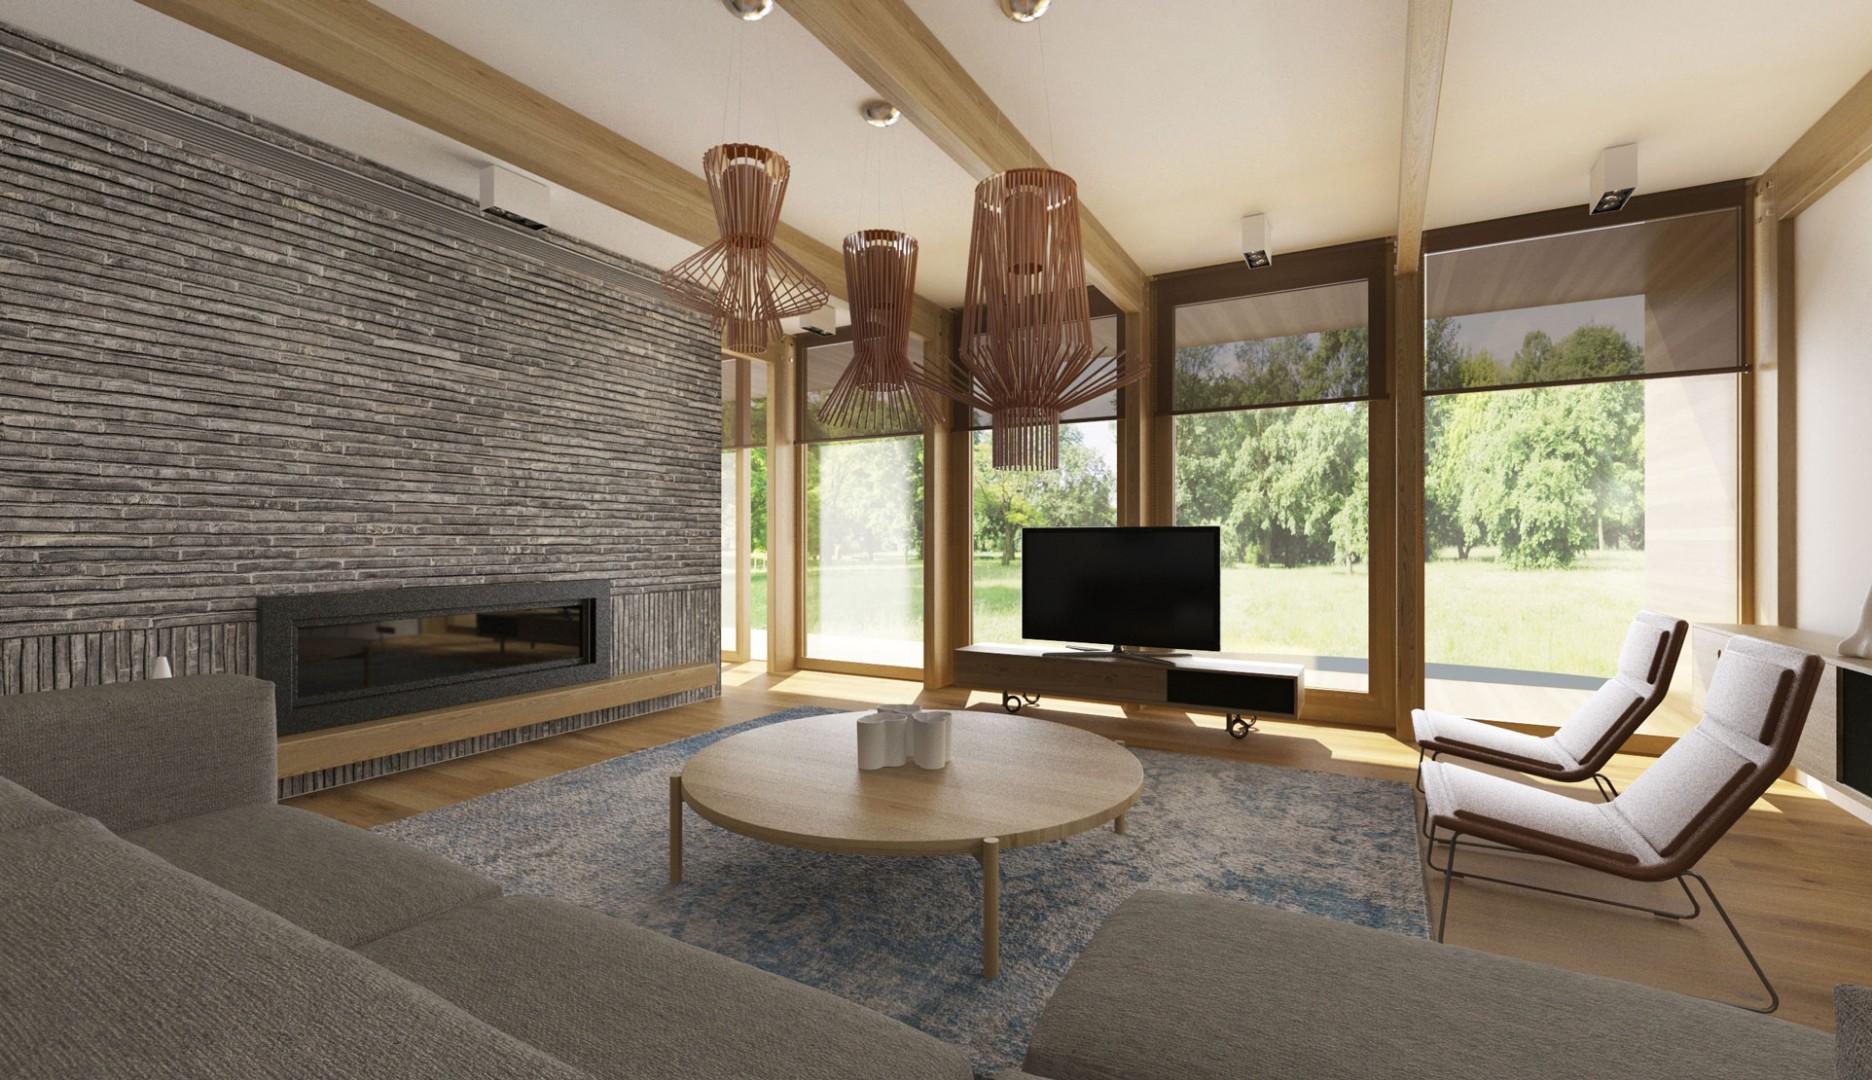 Návrh interiéru moderného drevodomu v Banskej Bystrici. Dizajn interiéru modernej drevostavby.